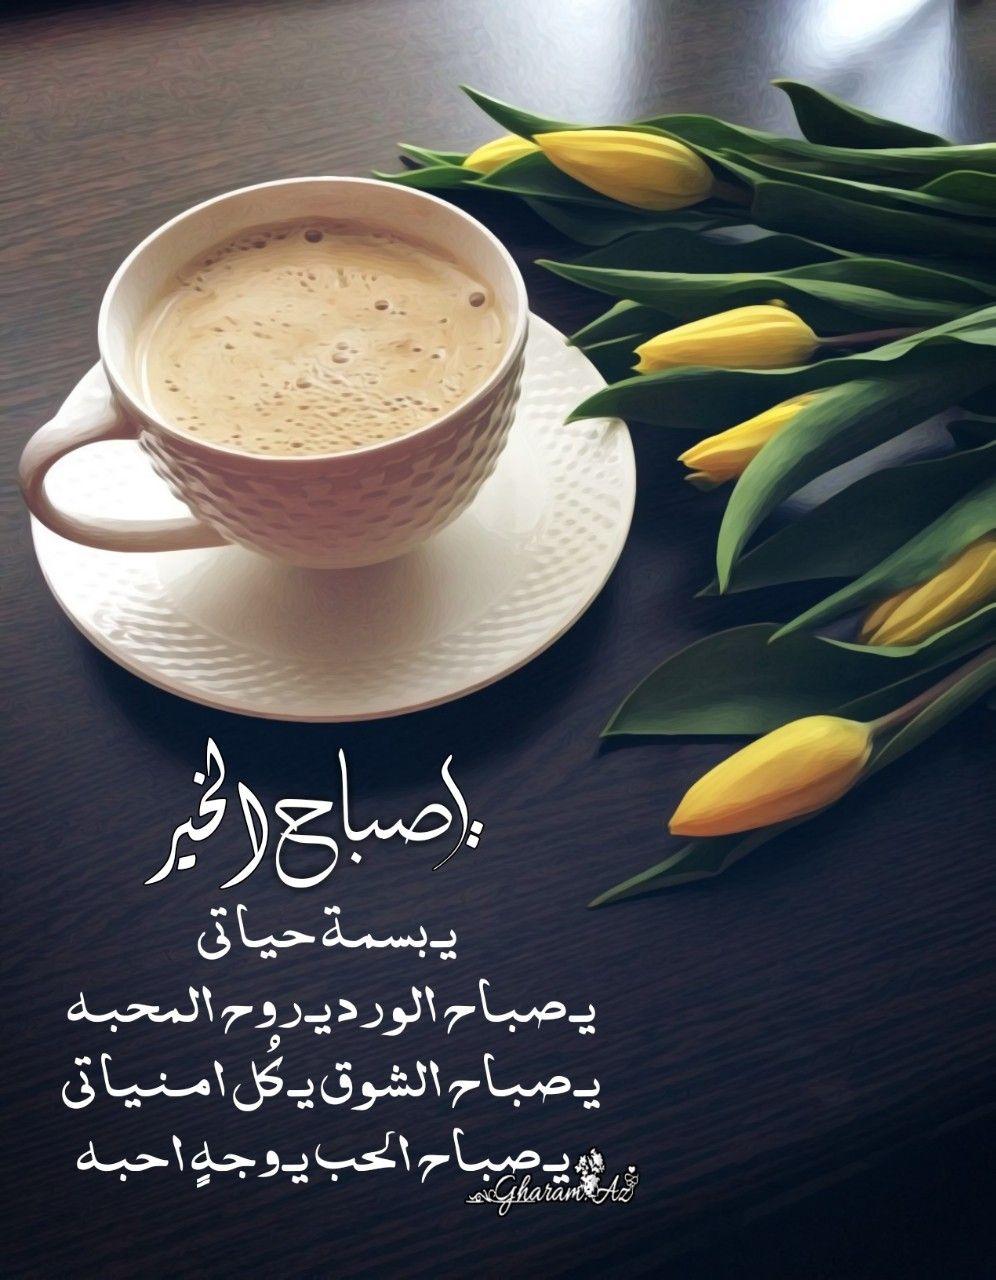 ياصباح الخير Romantic Breakfast Arabic Love Quotes Morning Love Quotes